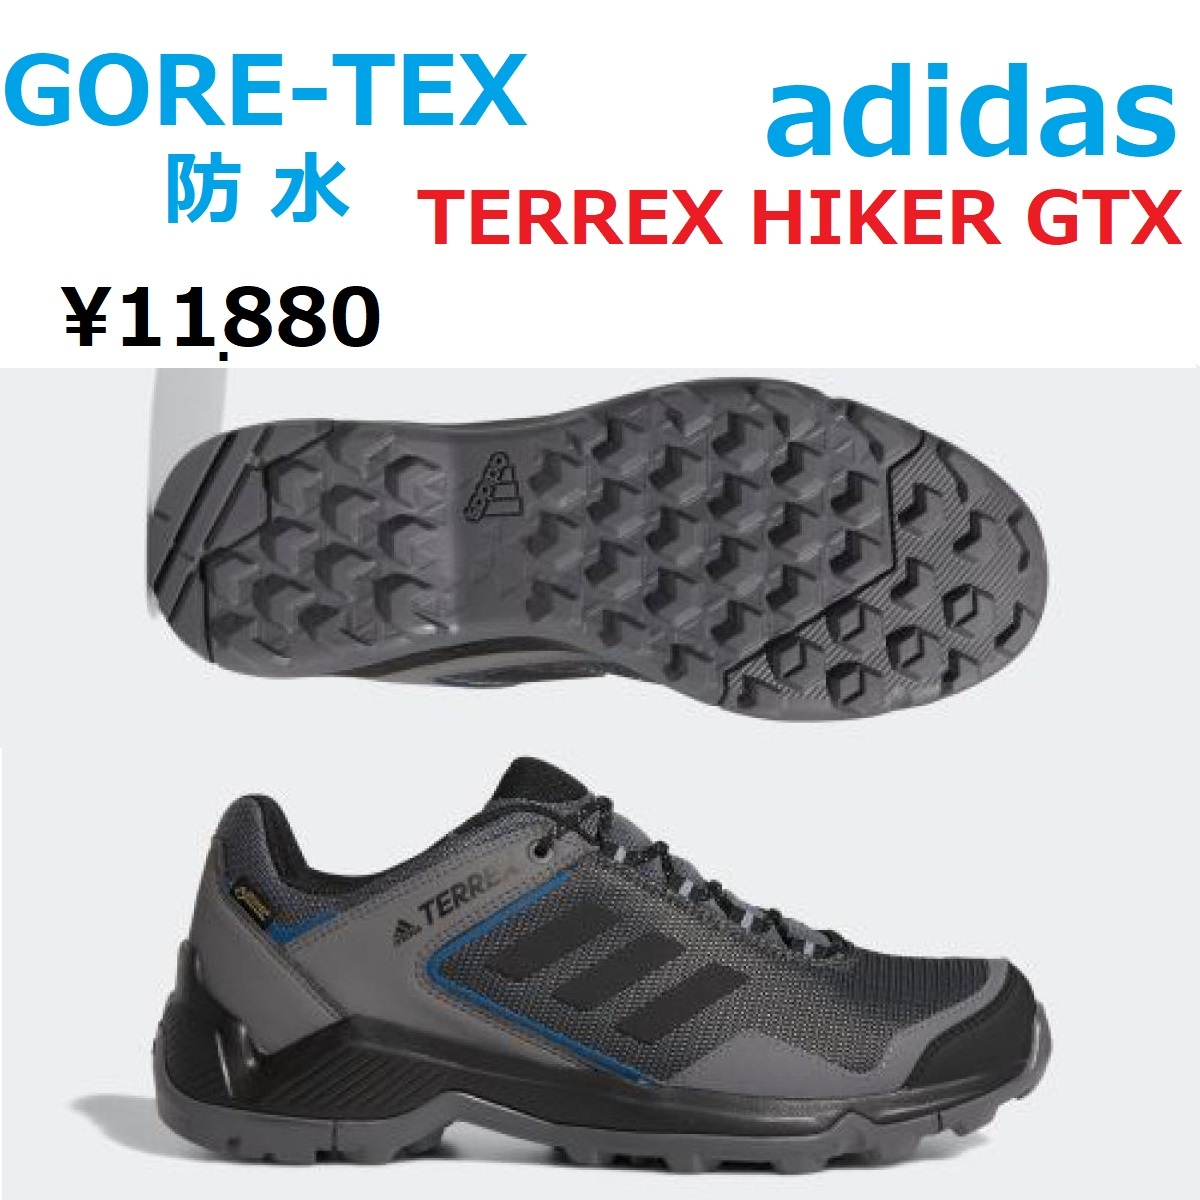 送料無料 残少 11880円→8560円即決 GORE-TEX ゴアテックス防水 アディダス adidas TERREX HIKER GTX アウトドア トレイル 登山 ハイキング